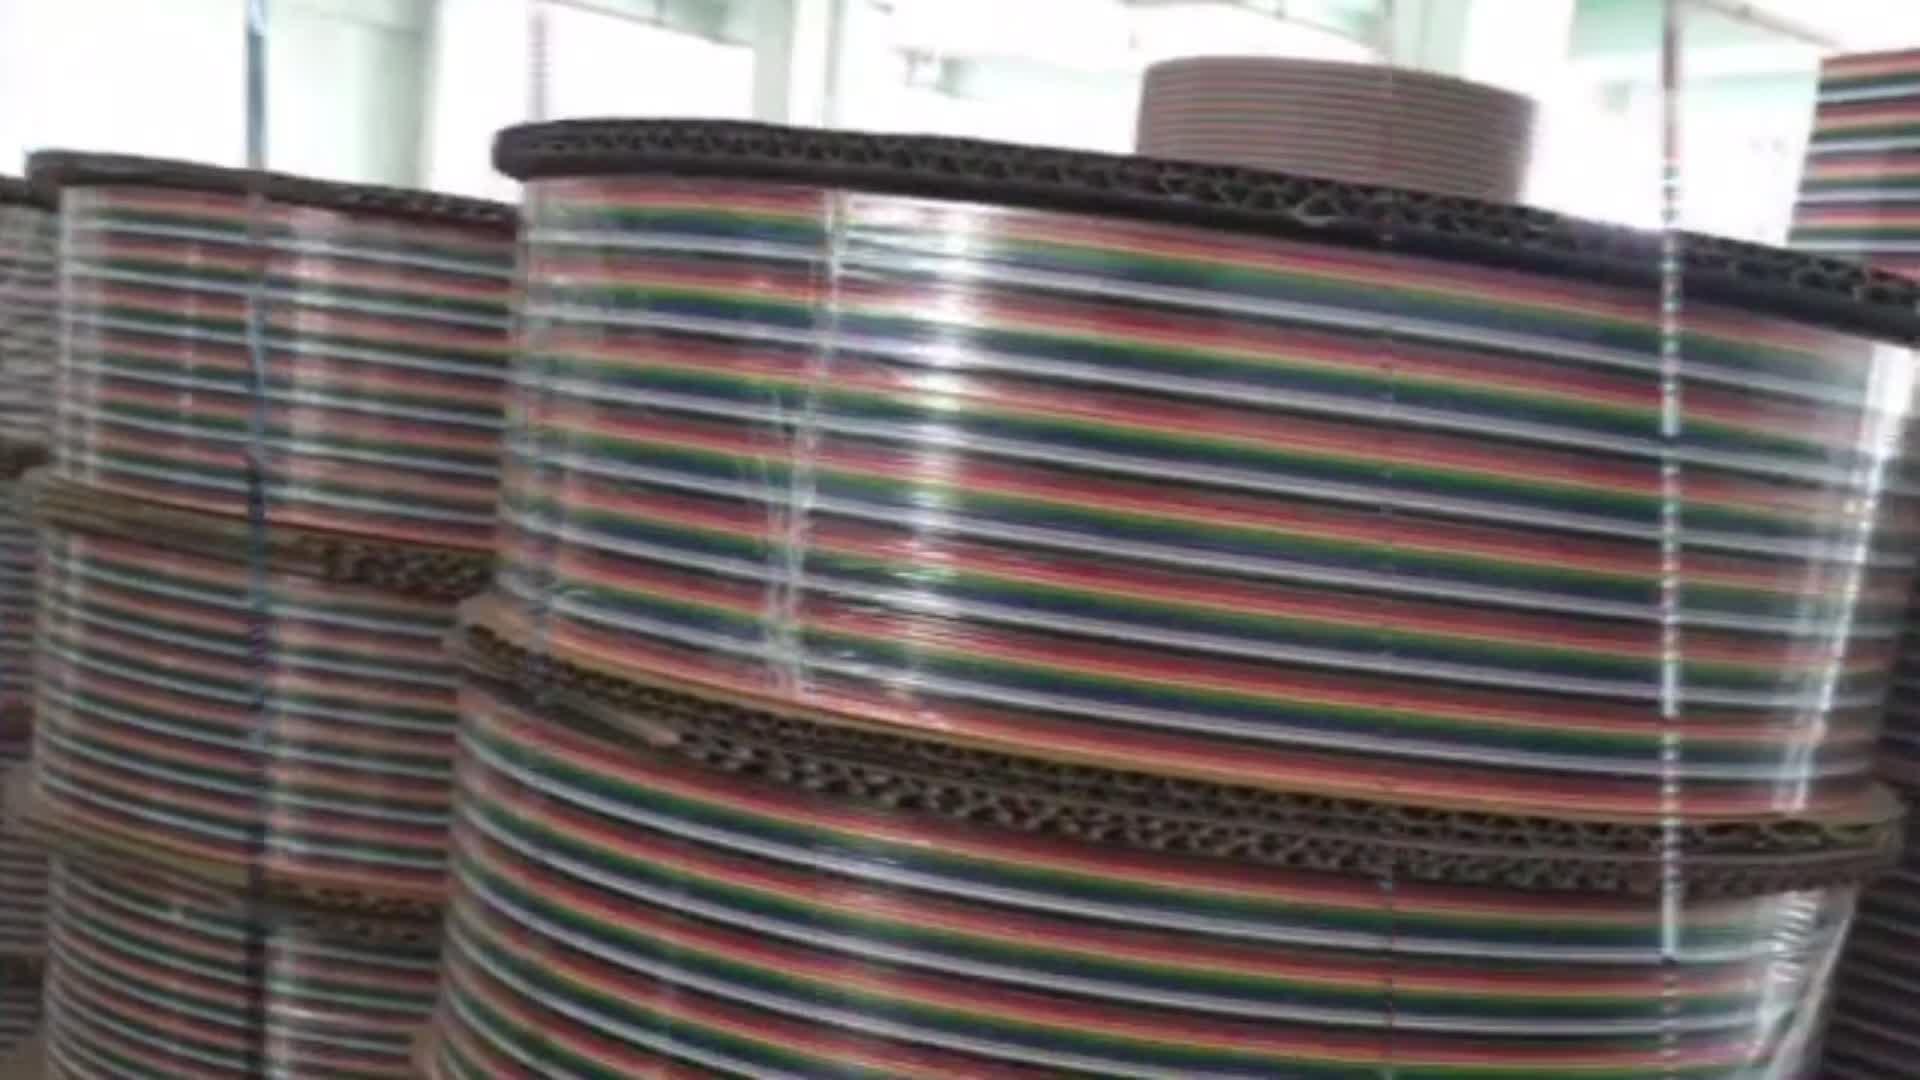 2651 1.27mm 10 14 16 20 24 26 30 34 40 50 60 64 broches IDC connecteur arc-en-ciel câble plat